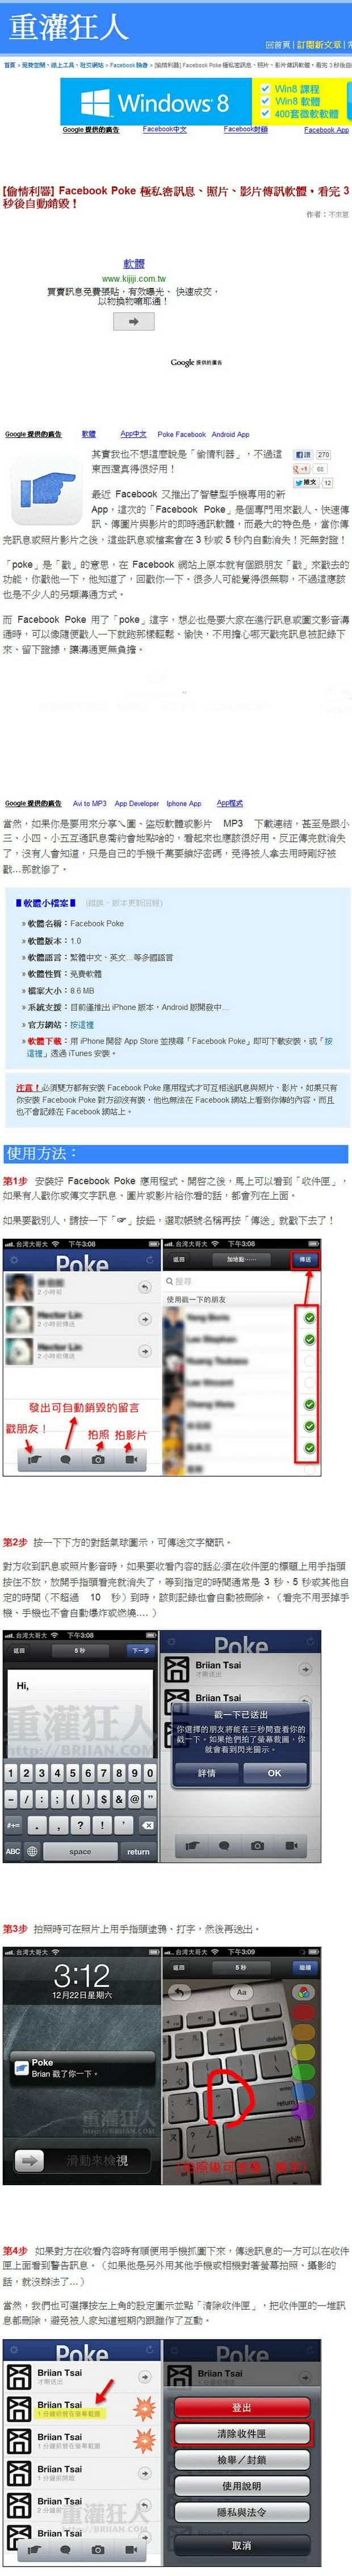 [偷情利器] Facebook Poke 極私密訊息、照片、影片傳訊軟體,看完 3 秒後自動銷毀!